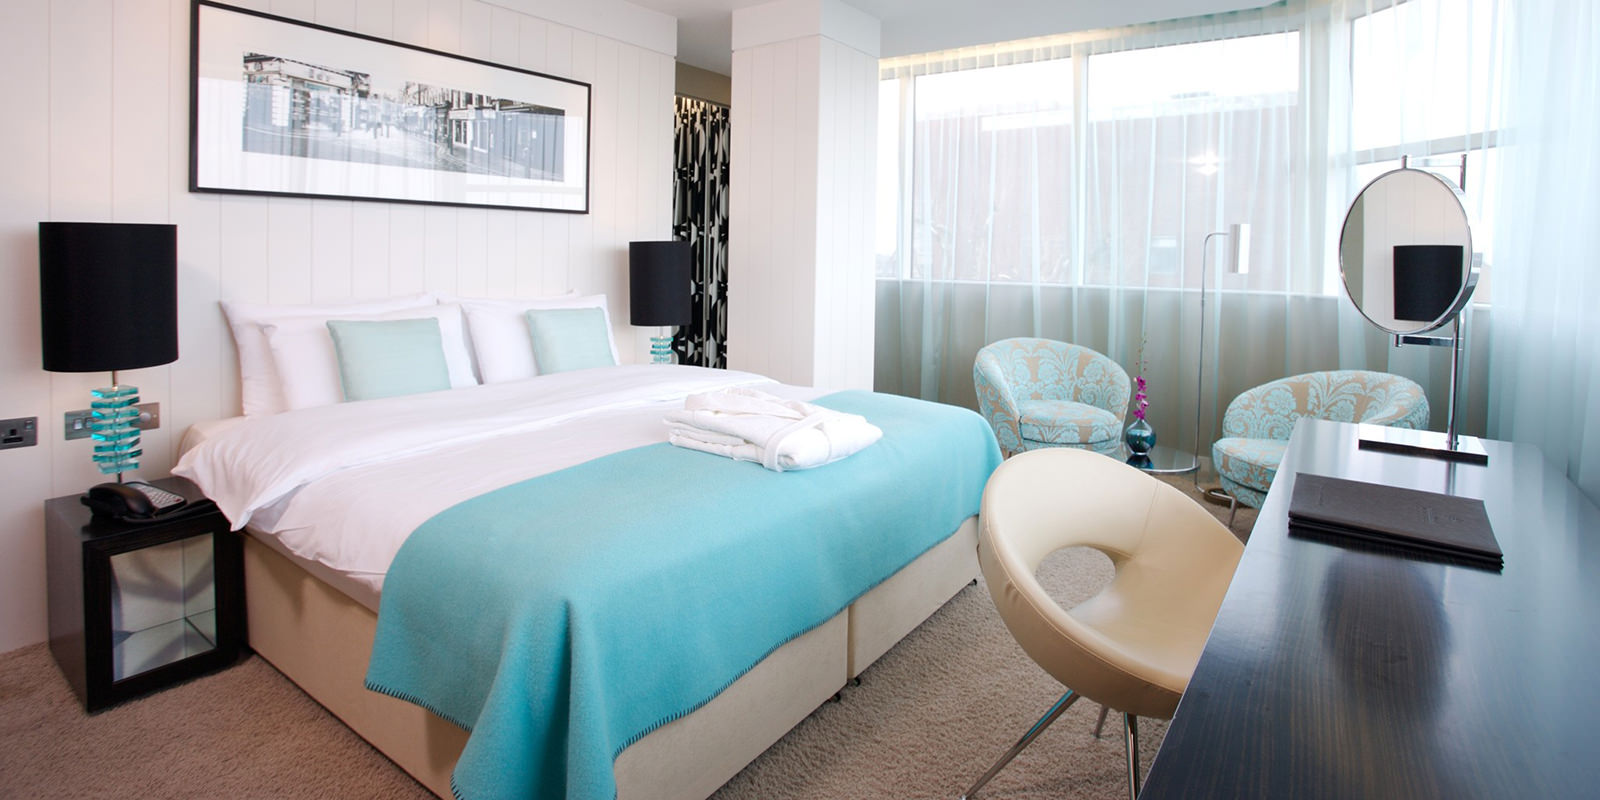 Белый, голубой, кремовый, и черный цвета в интерьере спальни